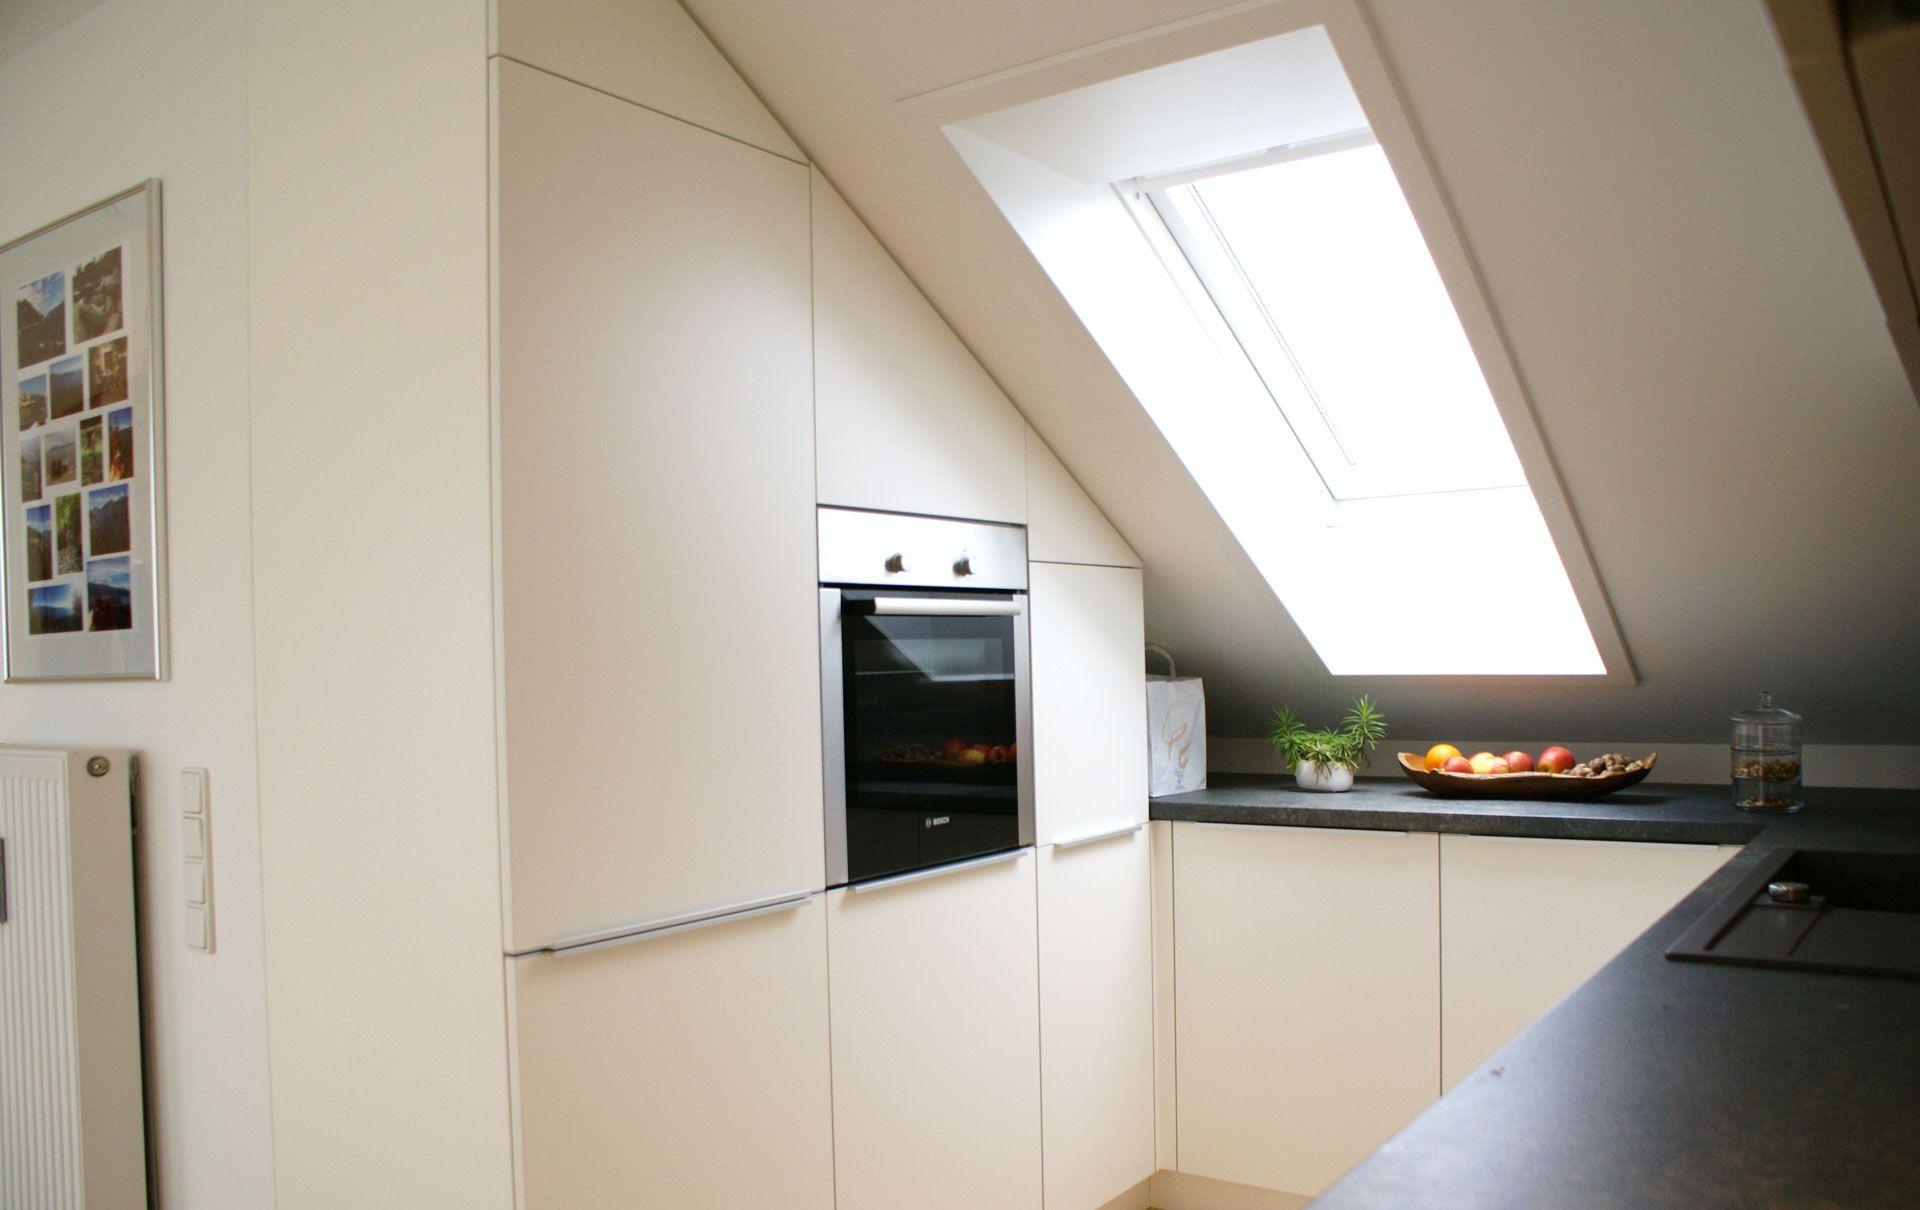 pin von barbara auf home mit bildern  küche dachschräge